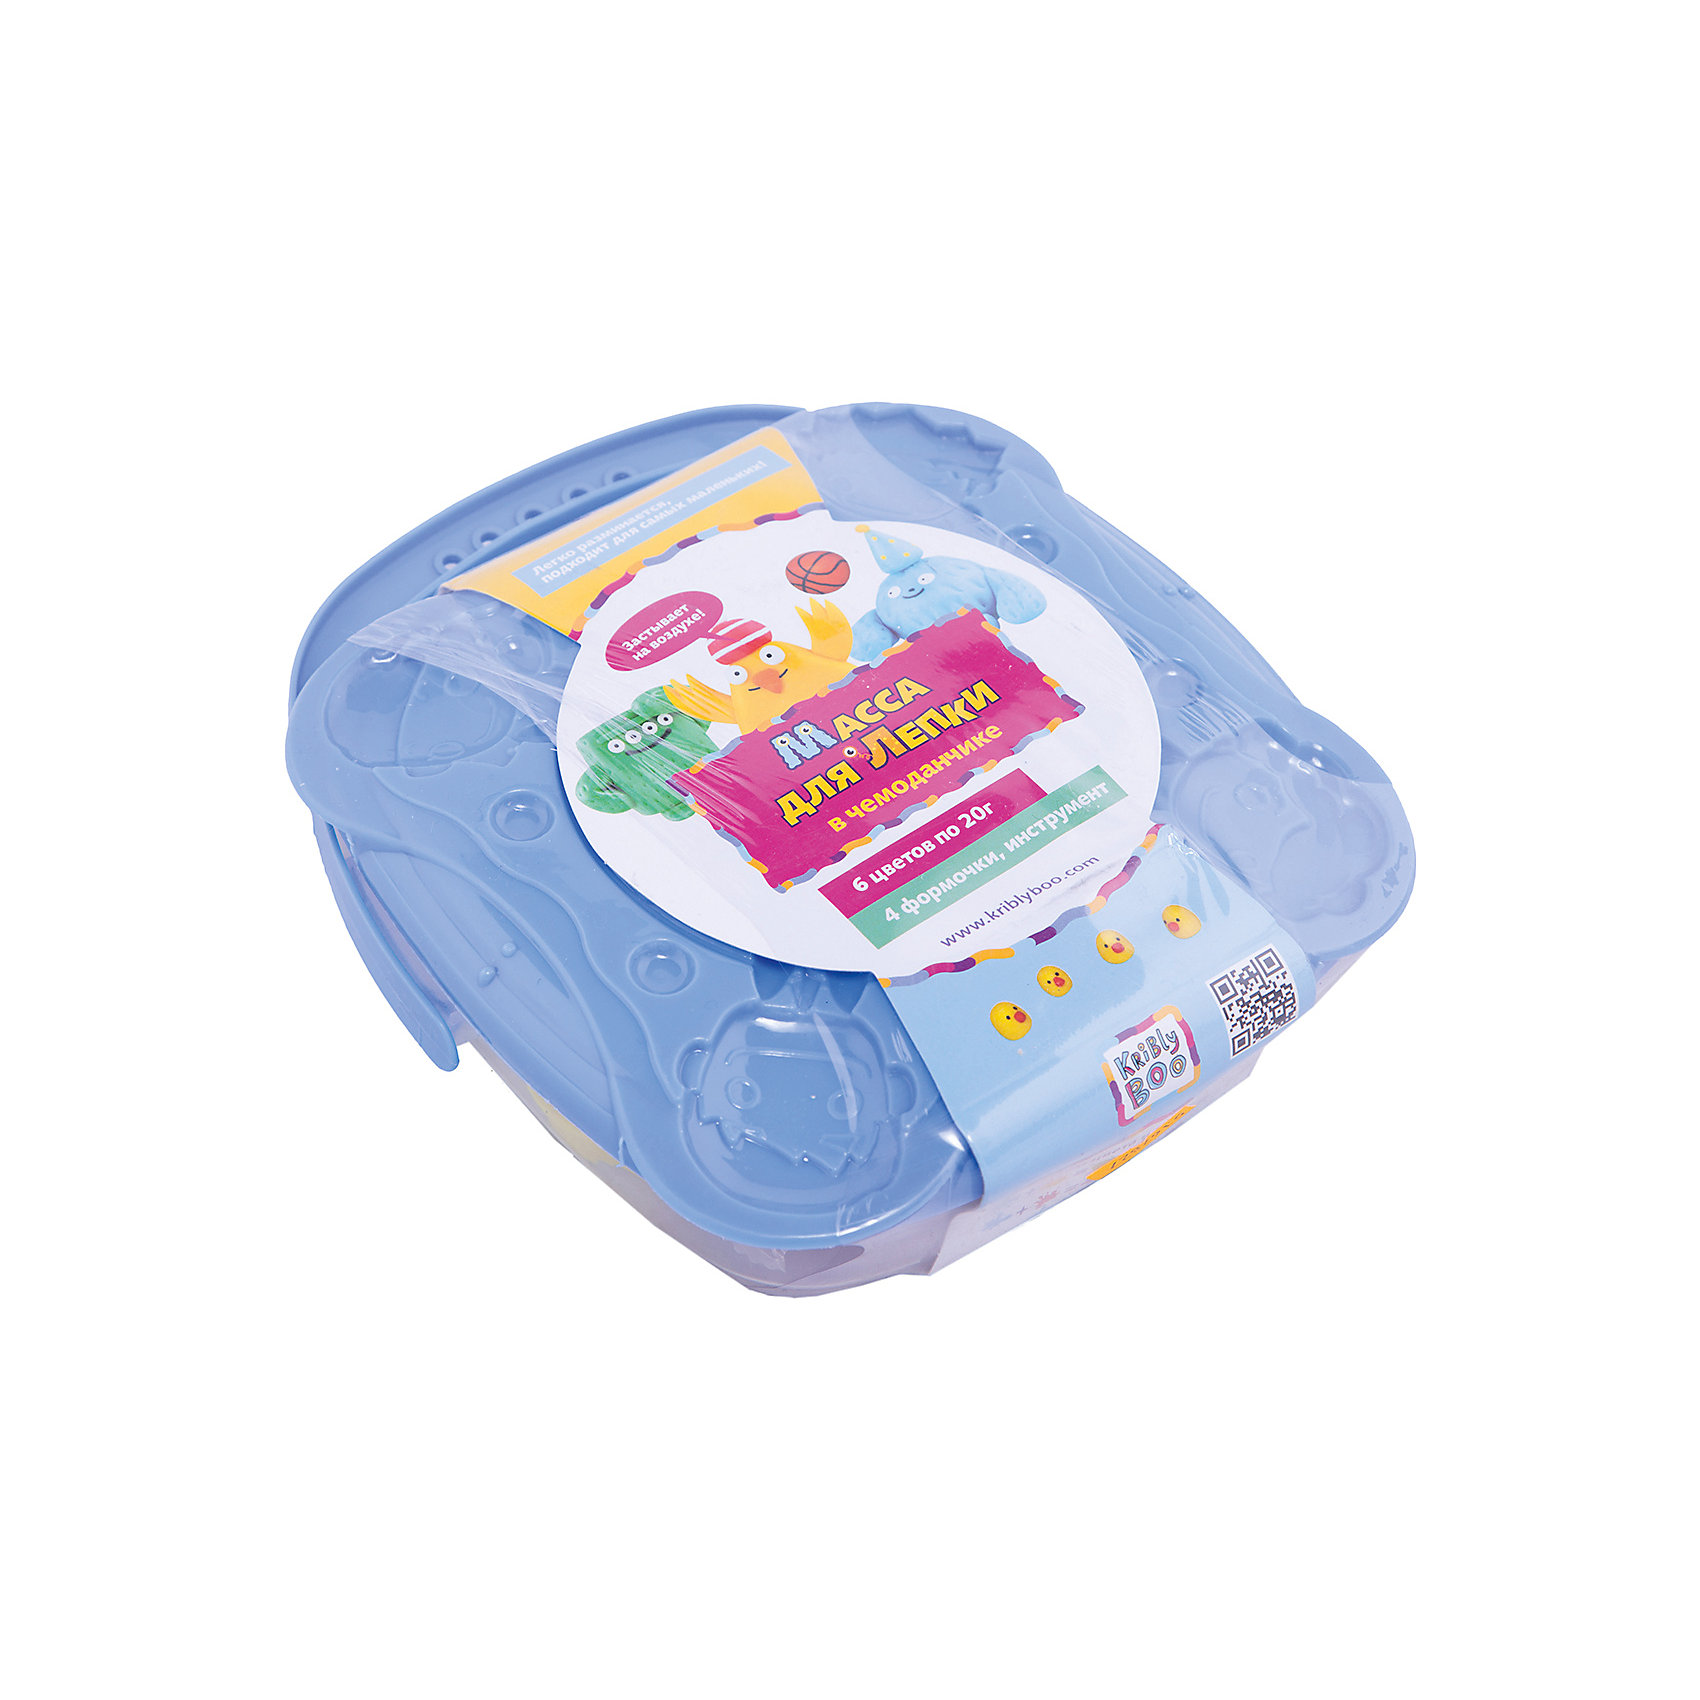 Масса для лепки в чемоданчике с формочками, 6 шт. 20 гМасса для лепки<br>Характеристики товара:<br><br>• цвет: разноцветный<br>• размер упаковки: 15 x 5 x 18 см<br>• вес: 300 г<br>• комплектация: 6 баночек, чемоданчик, формочки<br>• вес одной баночки с массой: 20 г<br>• затвердевает на воздухе<br>• возраст: от трех лет<br>• упаковка: чемоданчик<br>• страна бренда: Финляндия<br>• страна изготовитель: Китай<br><br>Такой набор станет отличным подарком ребенку - ведь с помощью массы для лепки создавать фигуры легко и весело! В набор входят баночки с массой базовых цветов. Масса потом сама затвердевает на воздухе!<br>Детям очень нравится что-то делать своими руками! Кроме того, творчество помогает детям развивать важные навыки и способности, оно активизирует мышление, формирует усидчивость, творческие способности, мелкую моторику и воображение. Изделие производится из качественных и проверенных материалов, которые безопасны для детей.<br><br>Набор Масса для лепки в чемоданчике с формочками, 6 шт. 20 г от бренда KriBly Boo можно купить в нашем интернет-магазине.<br><br>Ширина мм: 155<br>Глубина мм: 45<br>Высота мм: 180<br>Вес г: 292<br>Возраст от месяцев: 36<br>Возраст до месяцев: 84<br>Пол: Унисекс<br>Возраст: Детский<br>SKU: 5167827